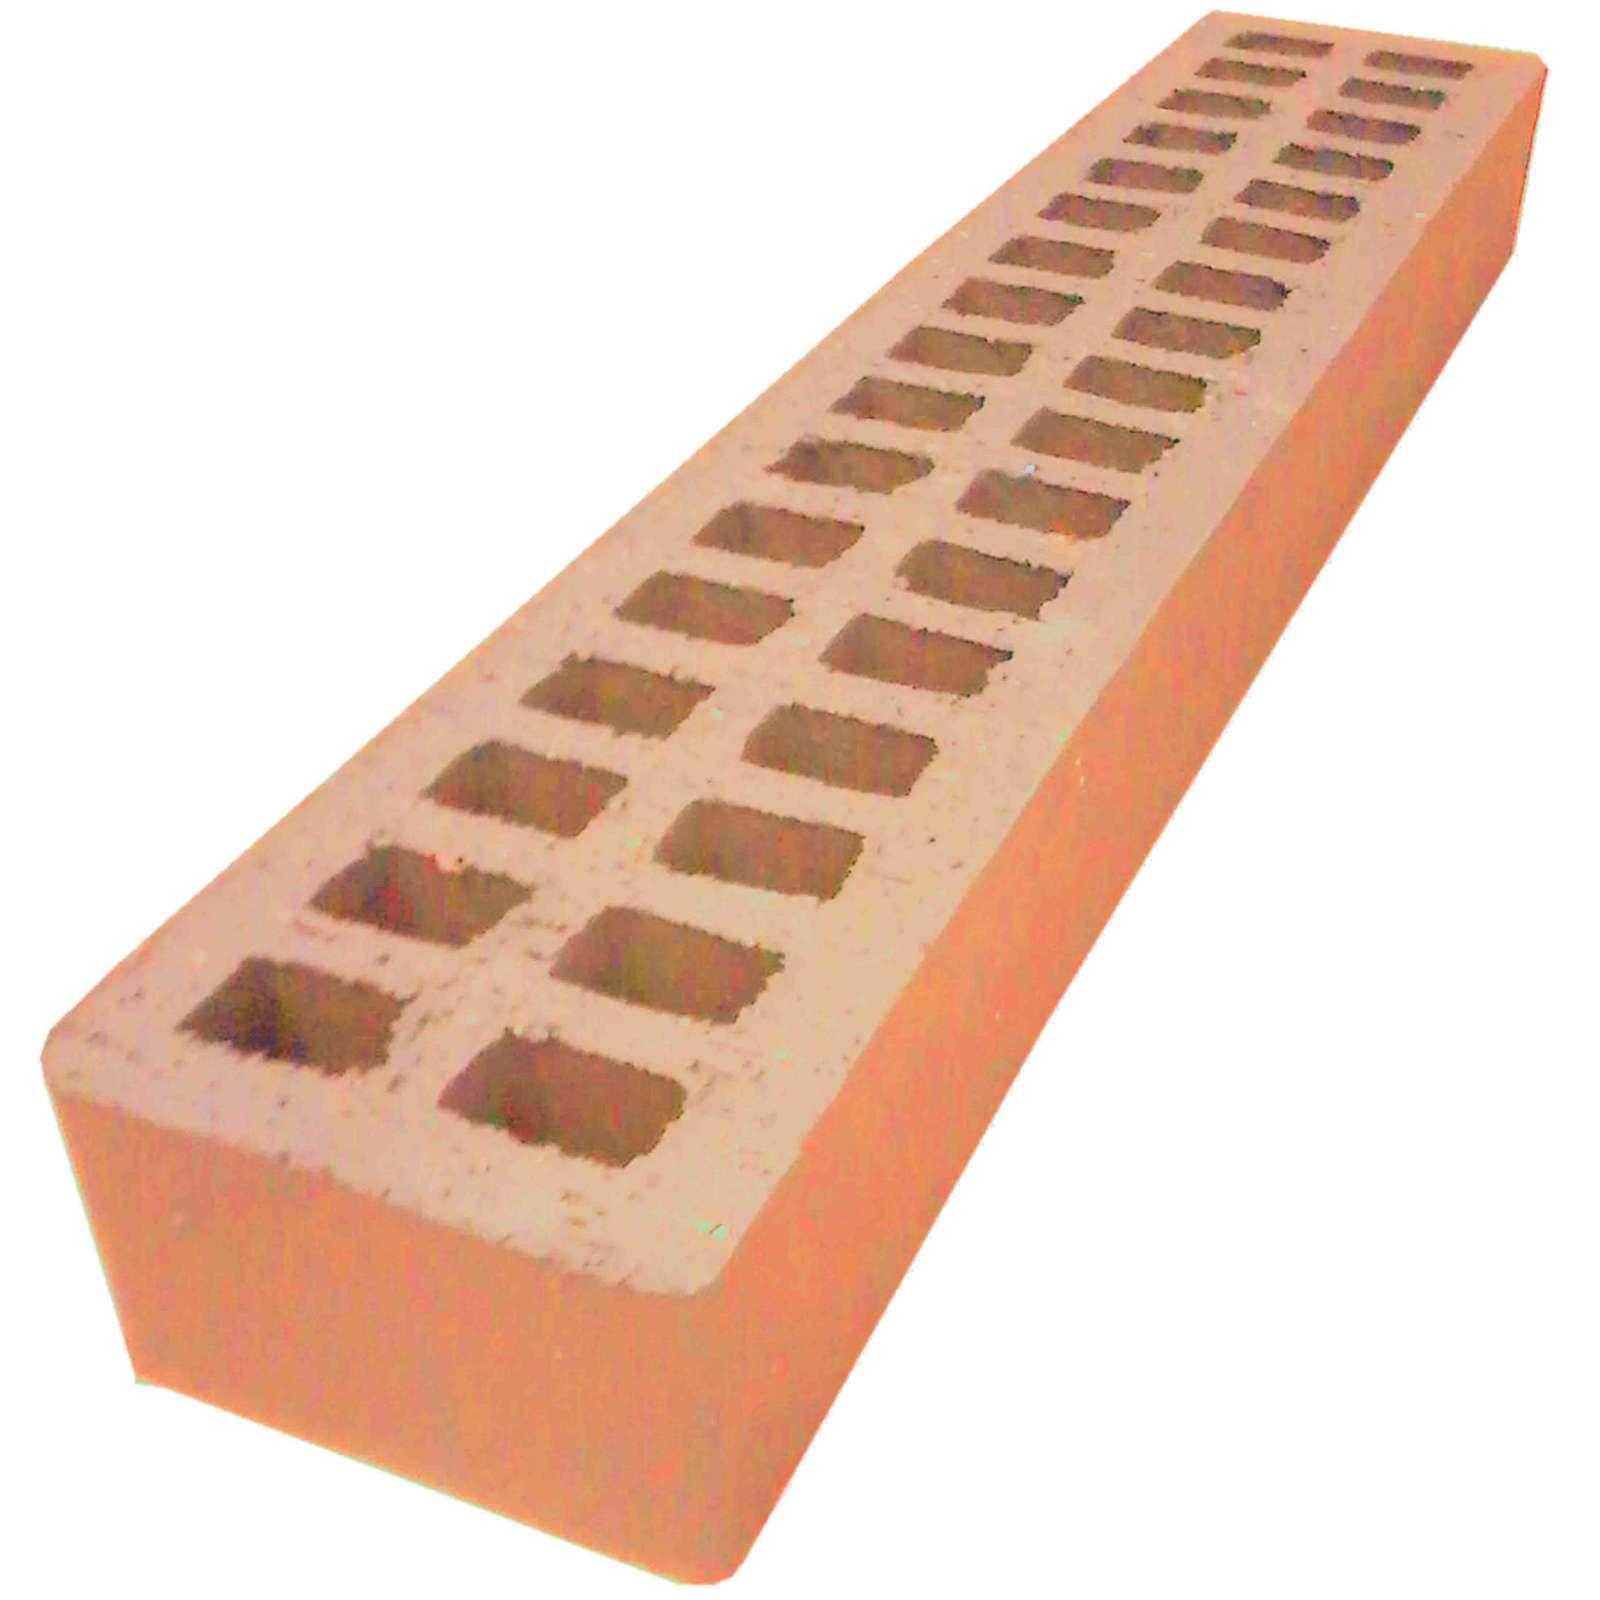 Кирпич АВС- клинкер лицевой М150/200 (490x95x52) осенний лист, Ригель формат 1,2НФ, Ревда